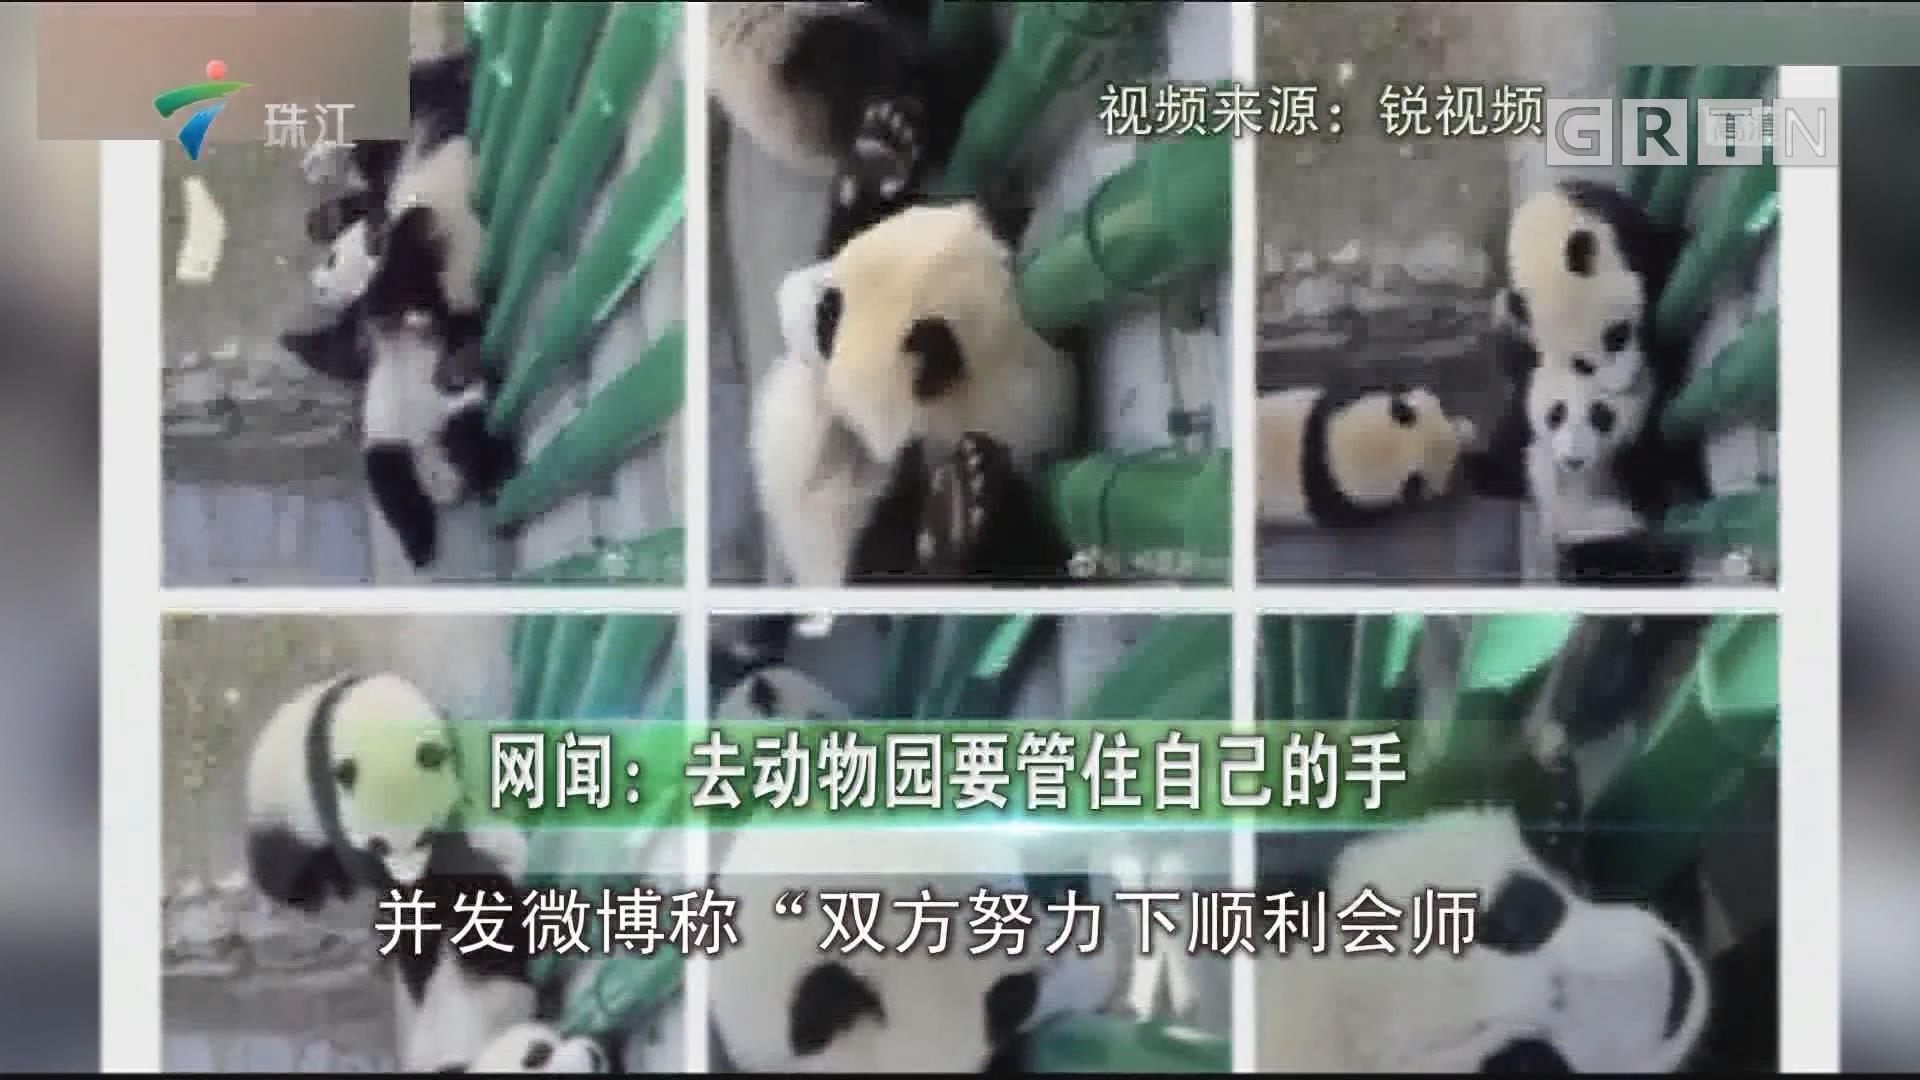 网闻:去动物园要管住自己的手